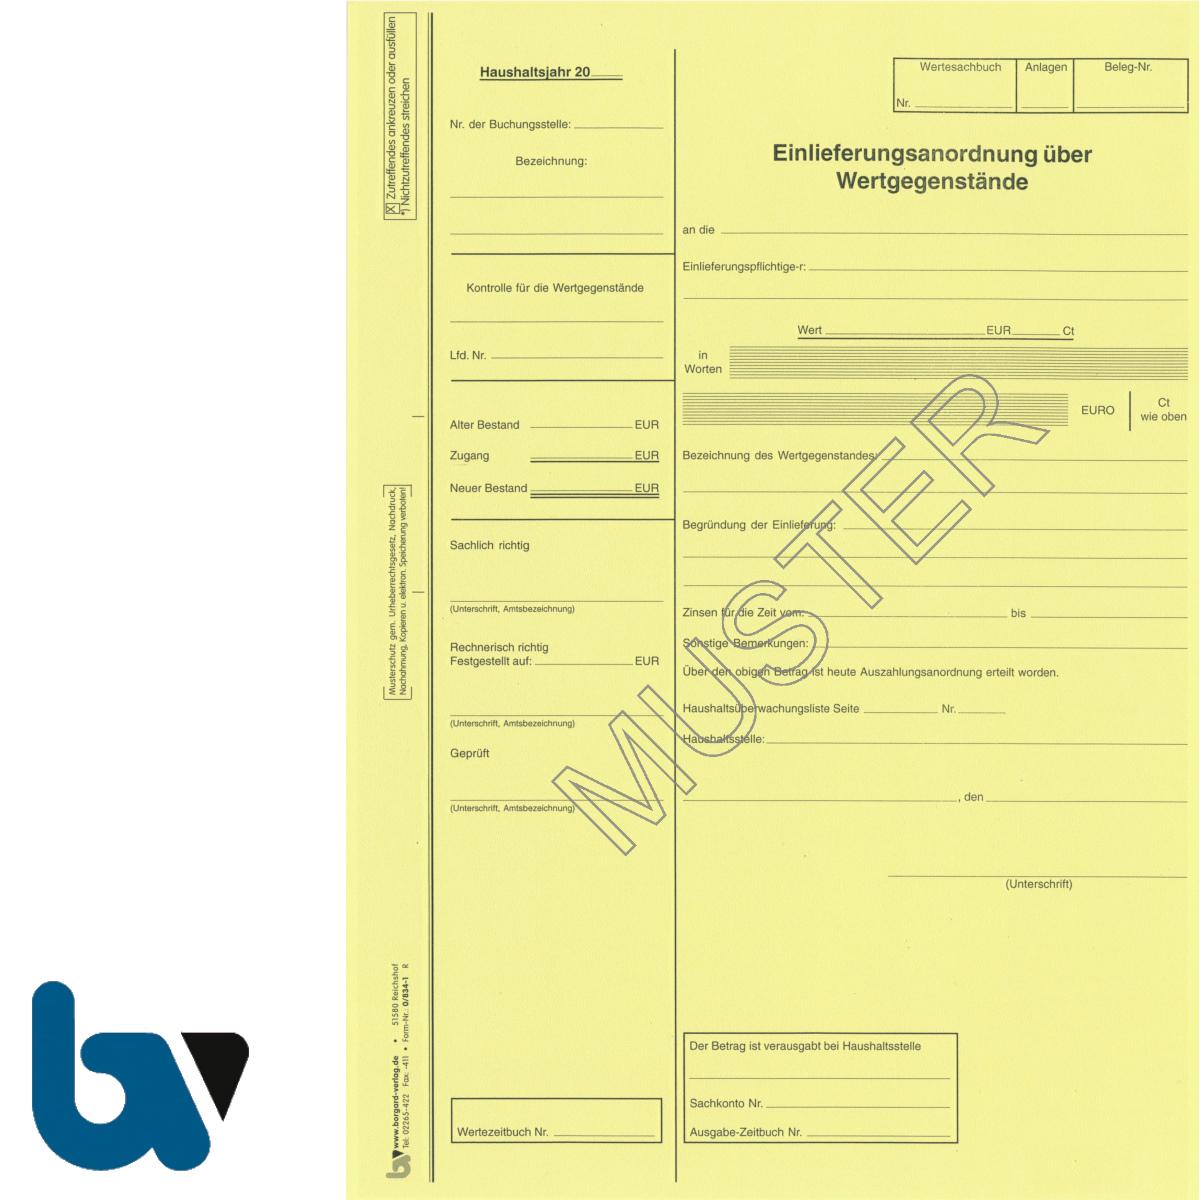 0/834-1 Einlieferungs Anordnung Wertgegenstand Wertgegenstände gelb DIN A4 | Borgard Verlag GmbH